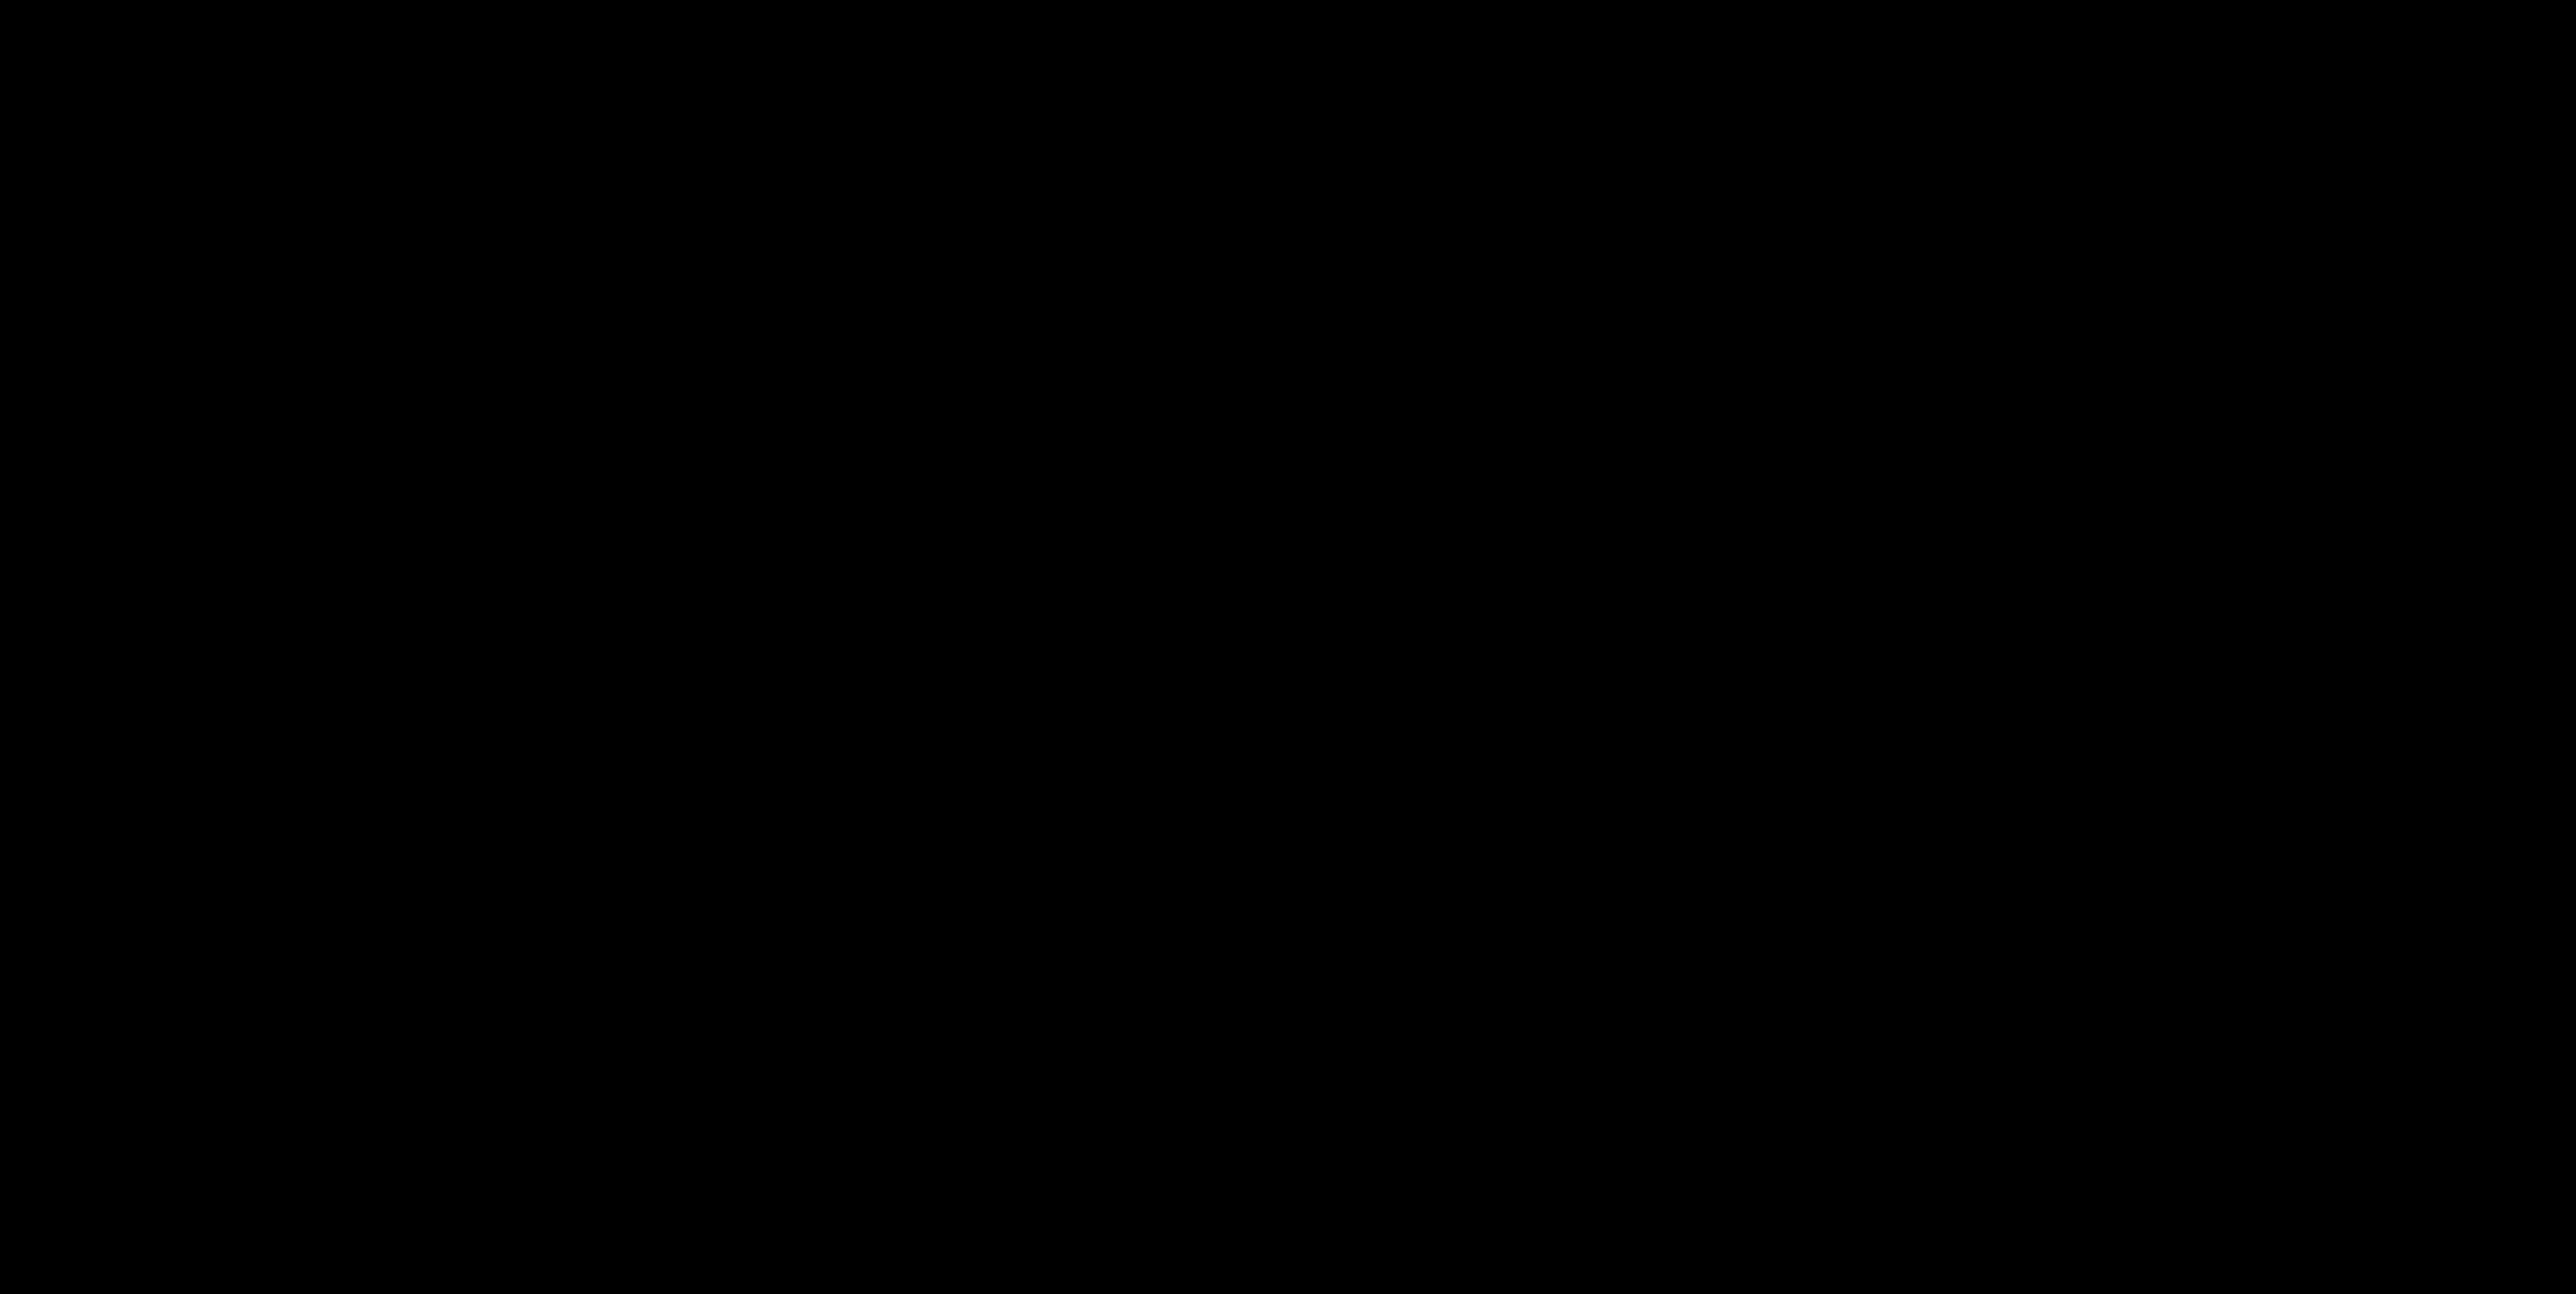 Fotografias De Mariposas Y Flores: Fondos De Flores Mariposas Y Estrellas Vectores